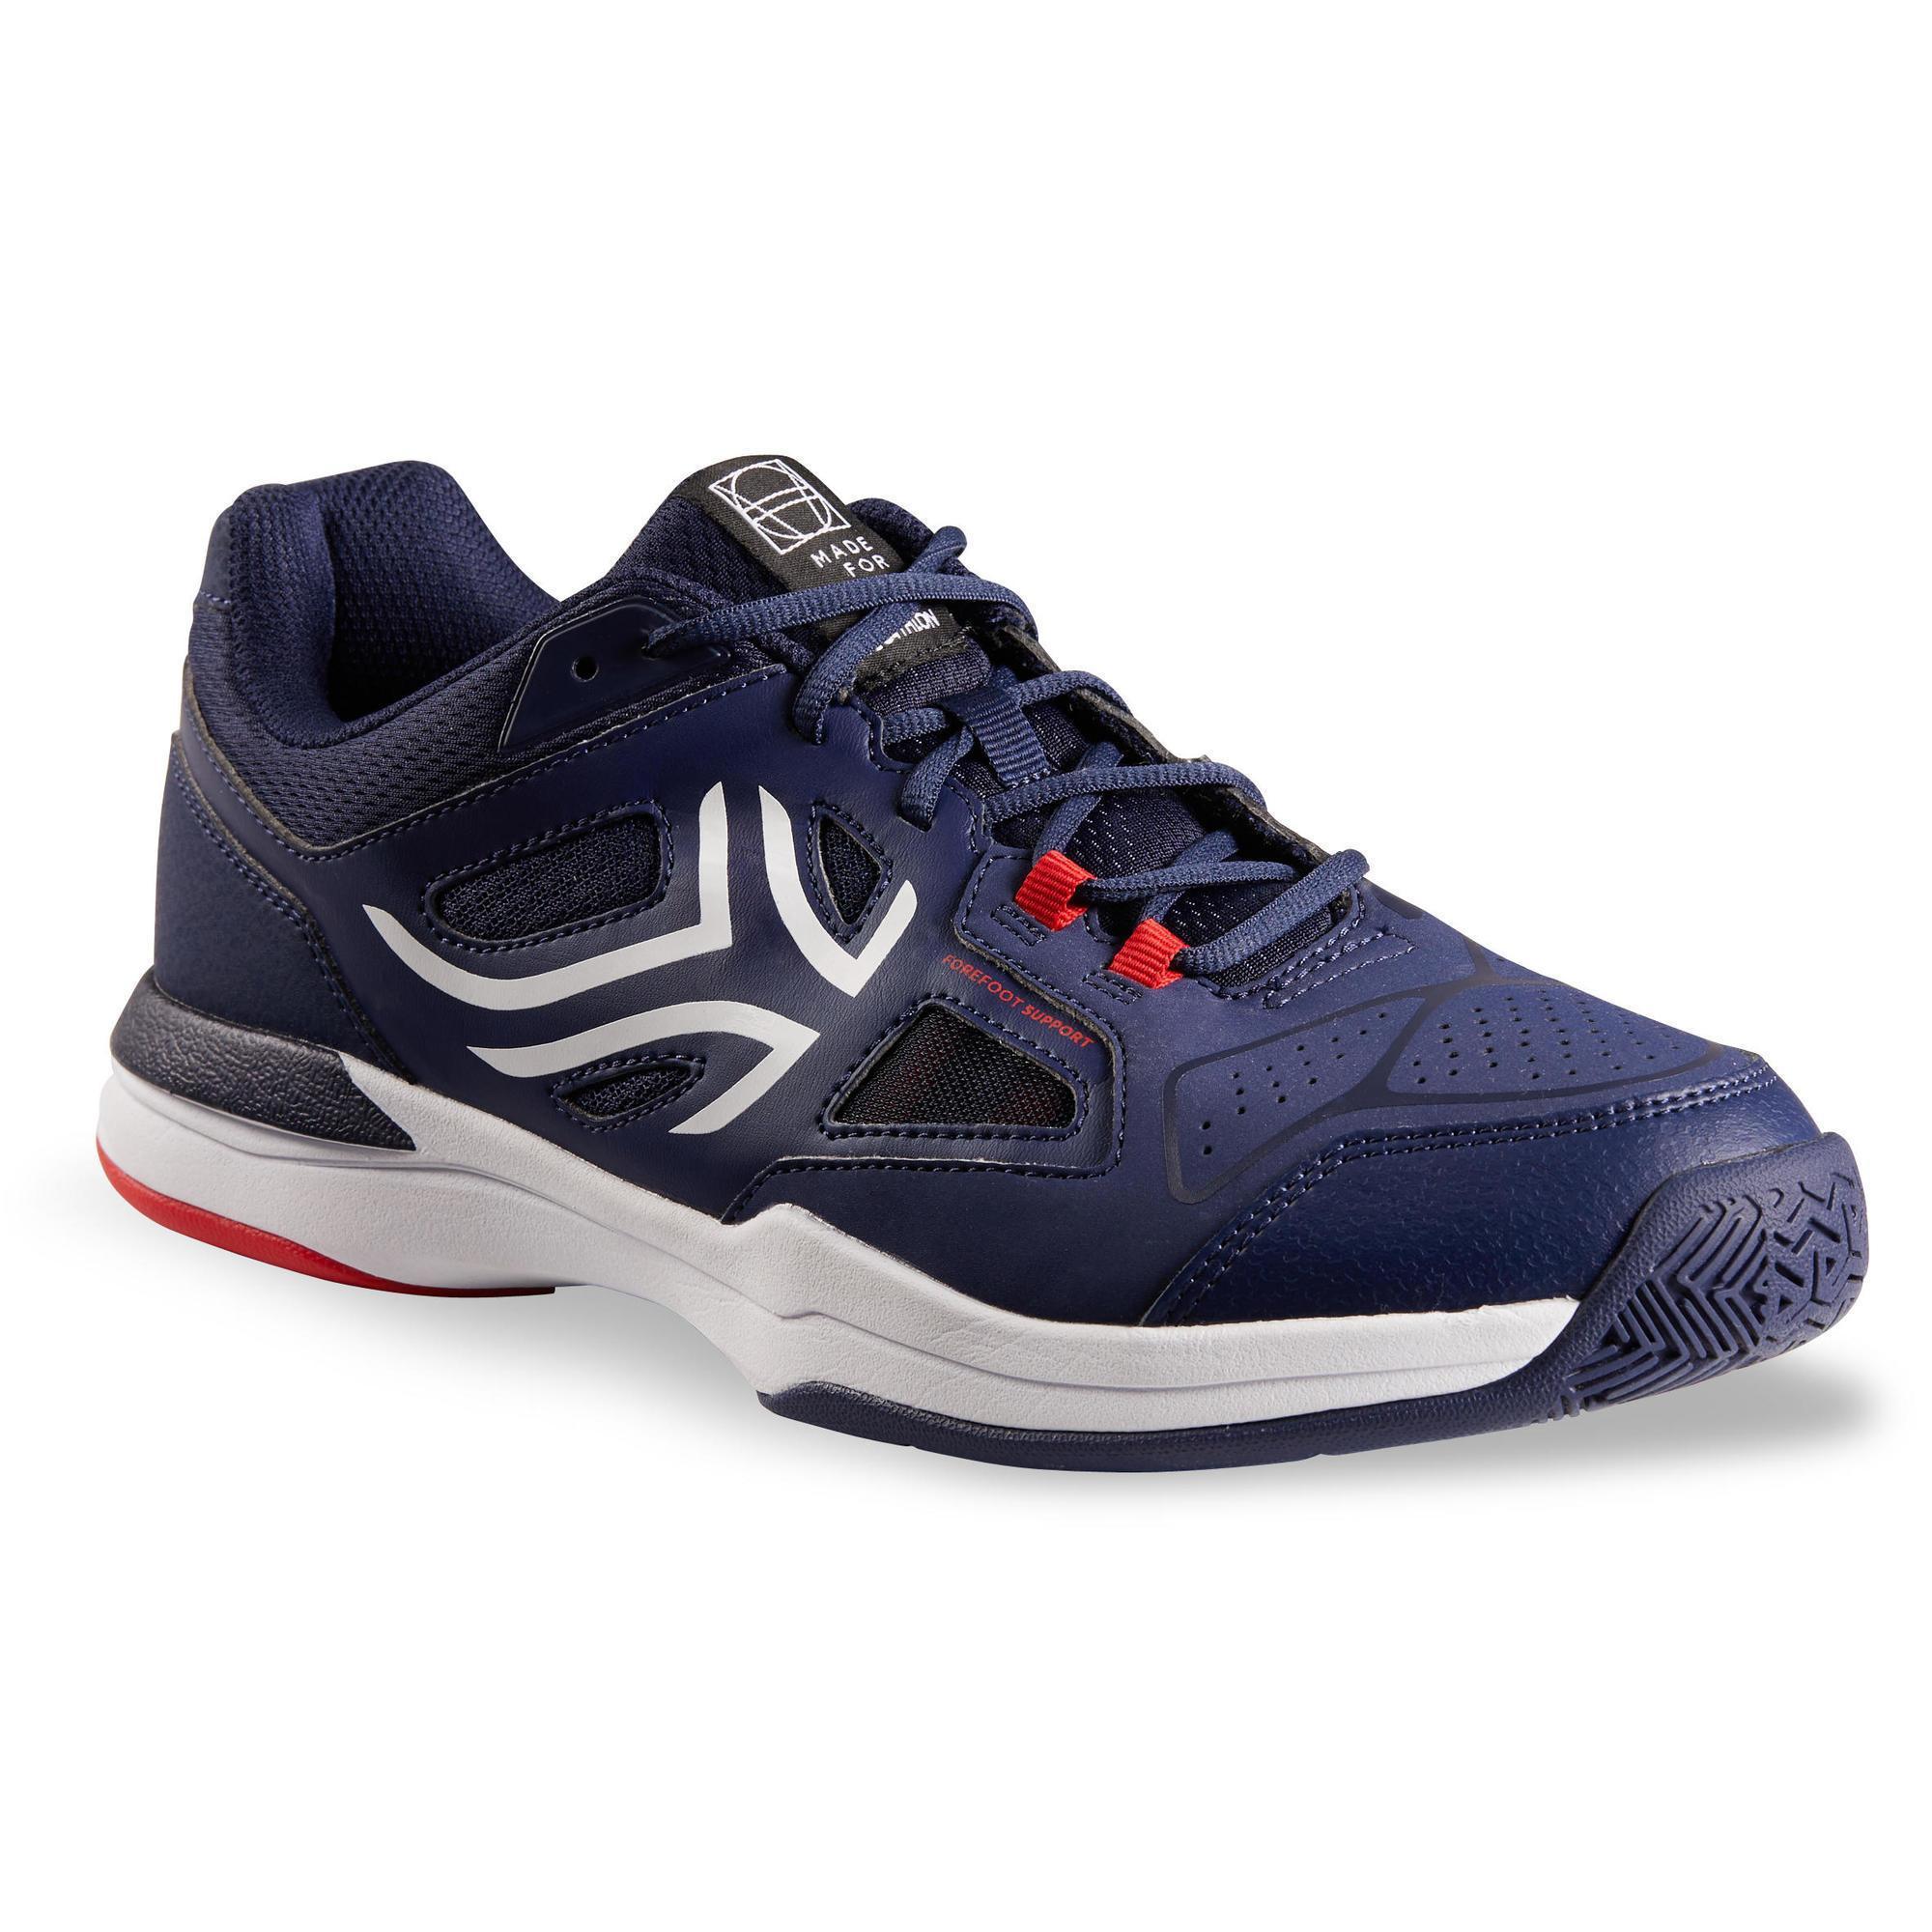 42798c8ed Comprar Zapatillas y calzado de tenis hombre